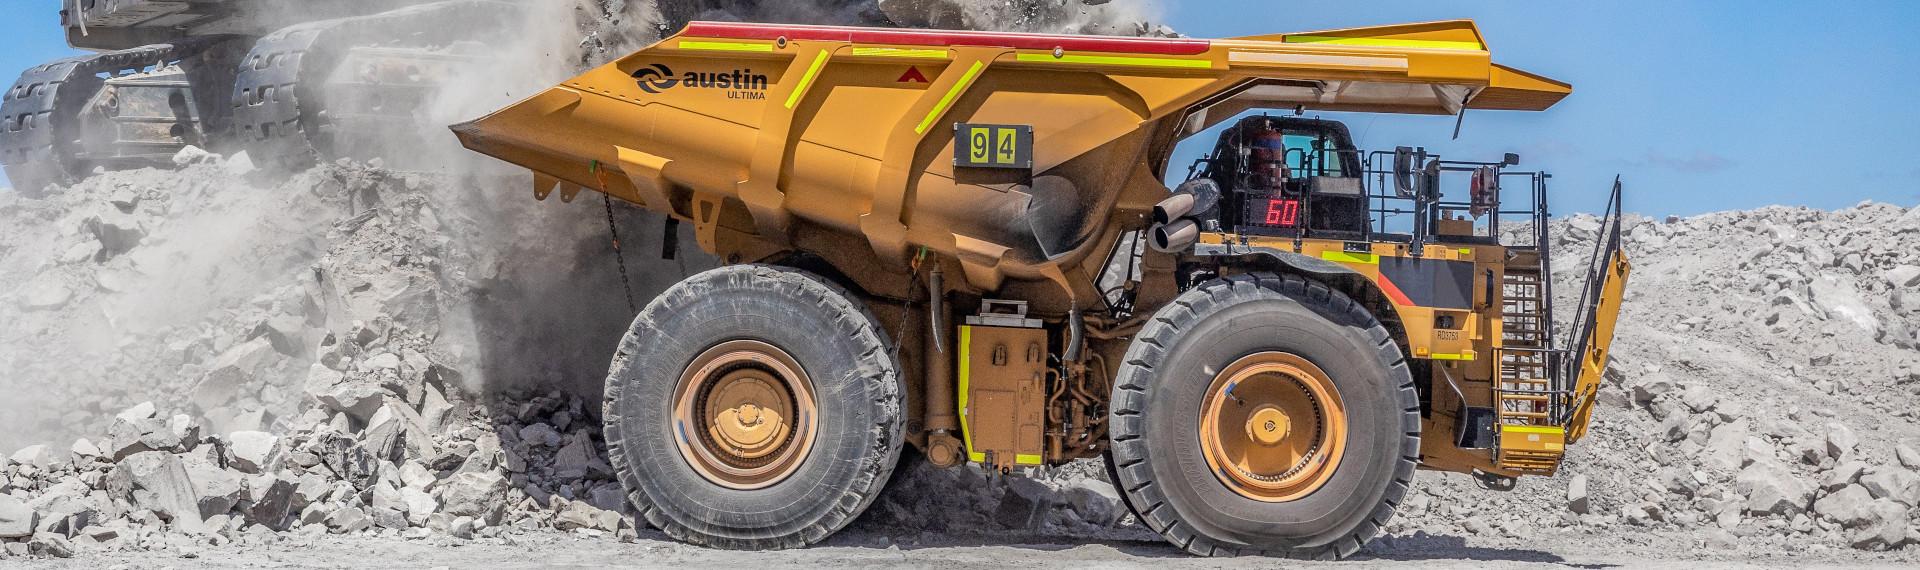 Austinin jättikokoinen maansiirtokone painaa Hardox® 500 Tuf -teräksen ansiosta 25 % vähemmän